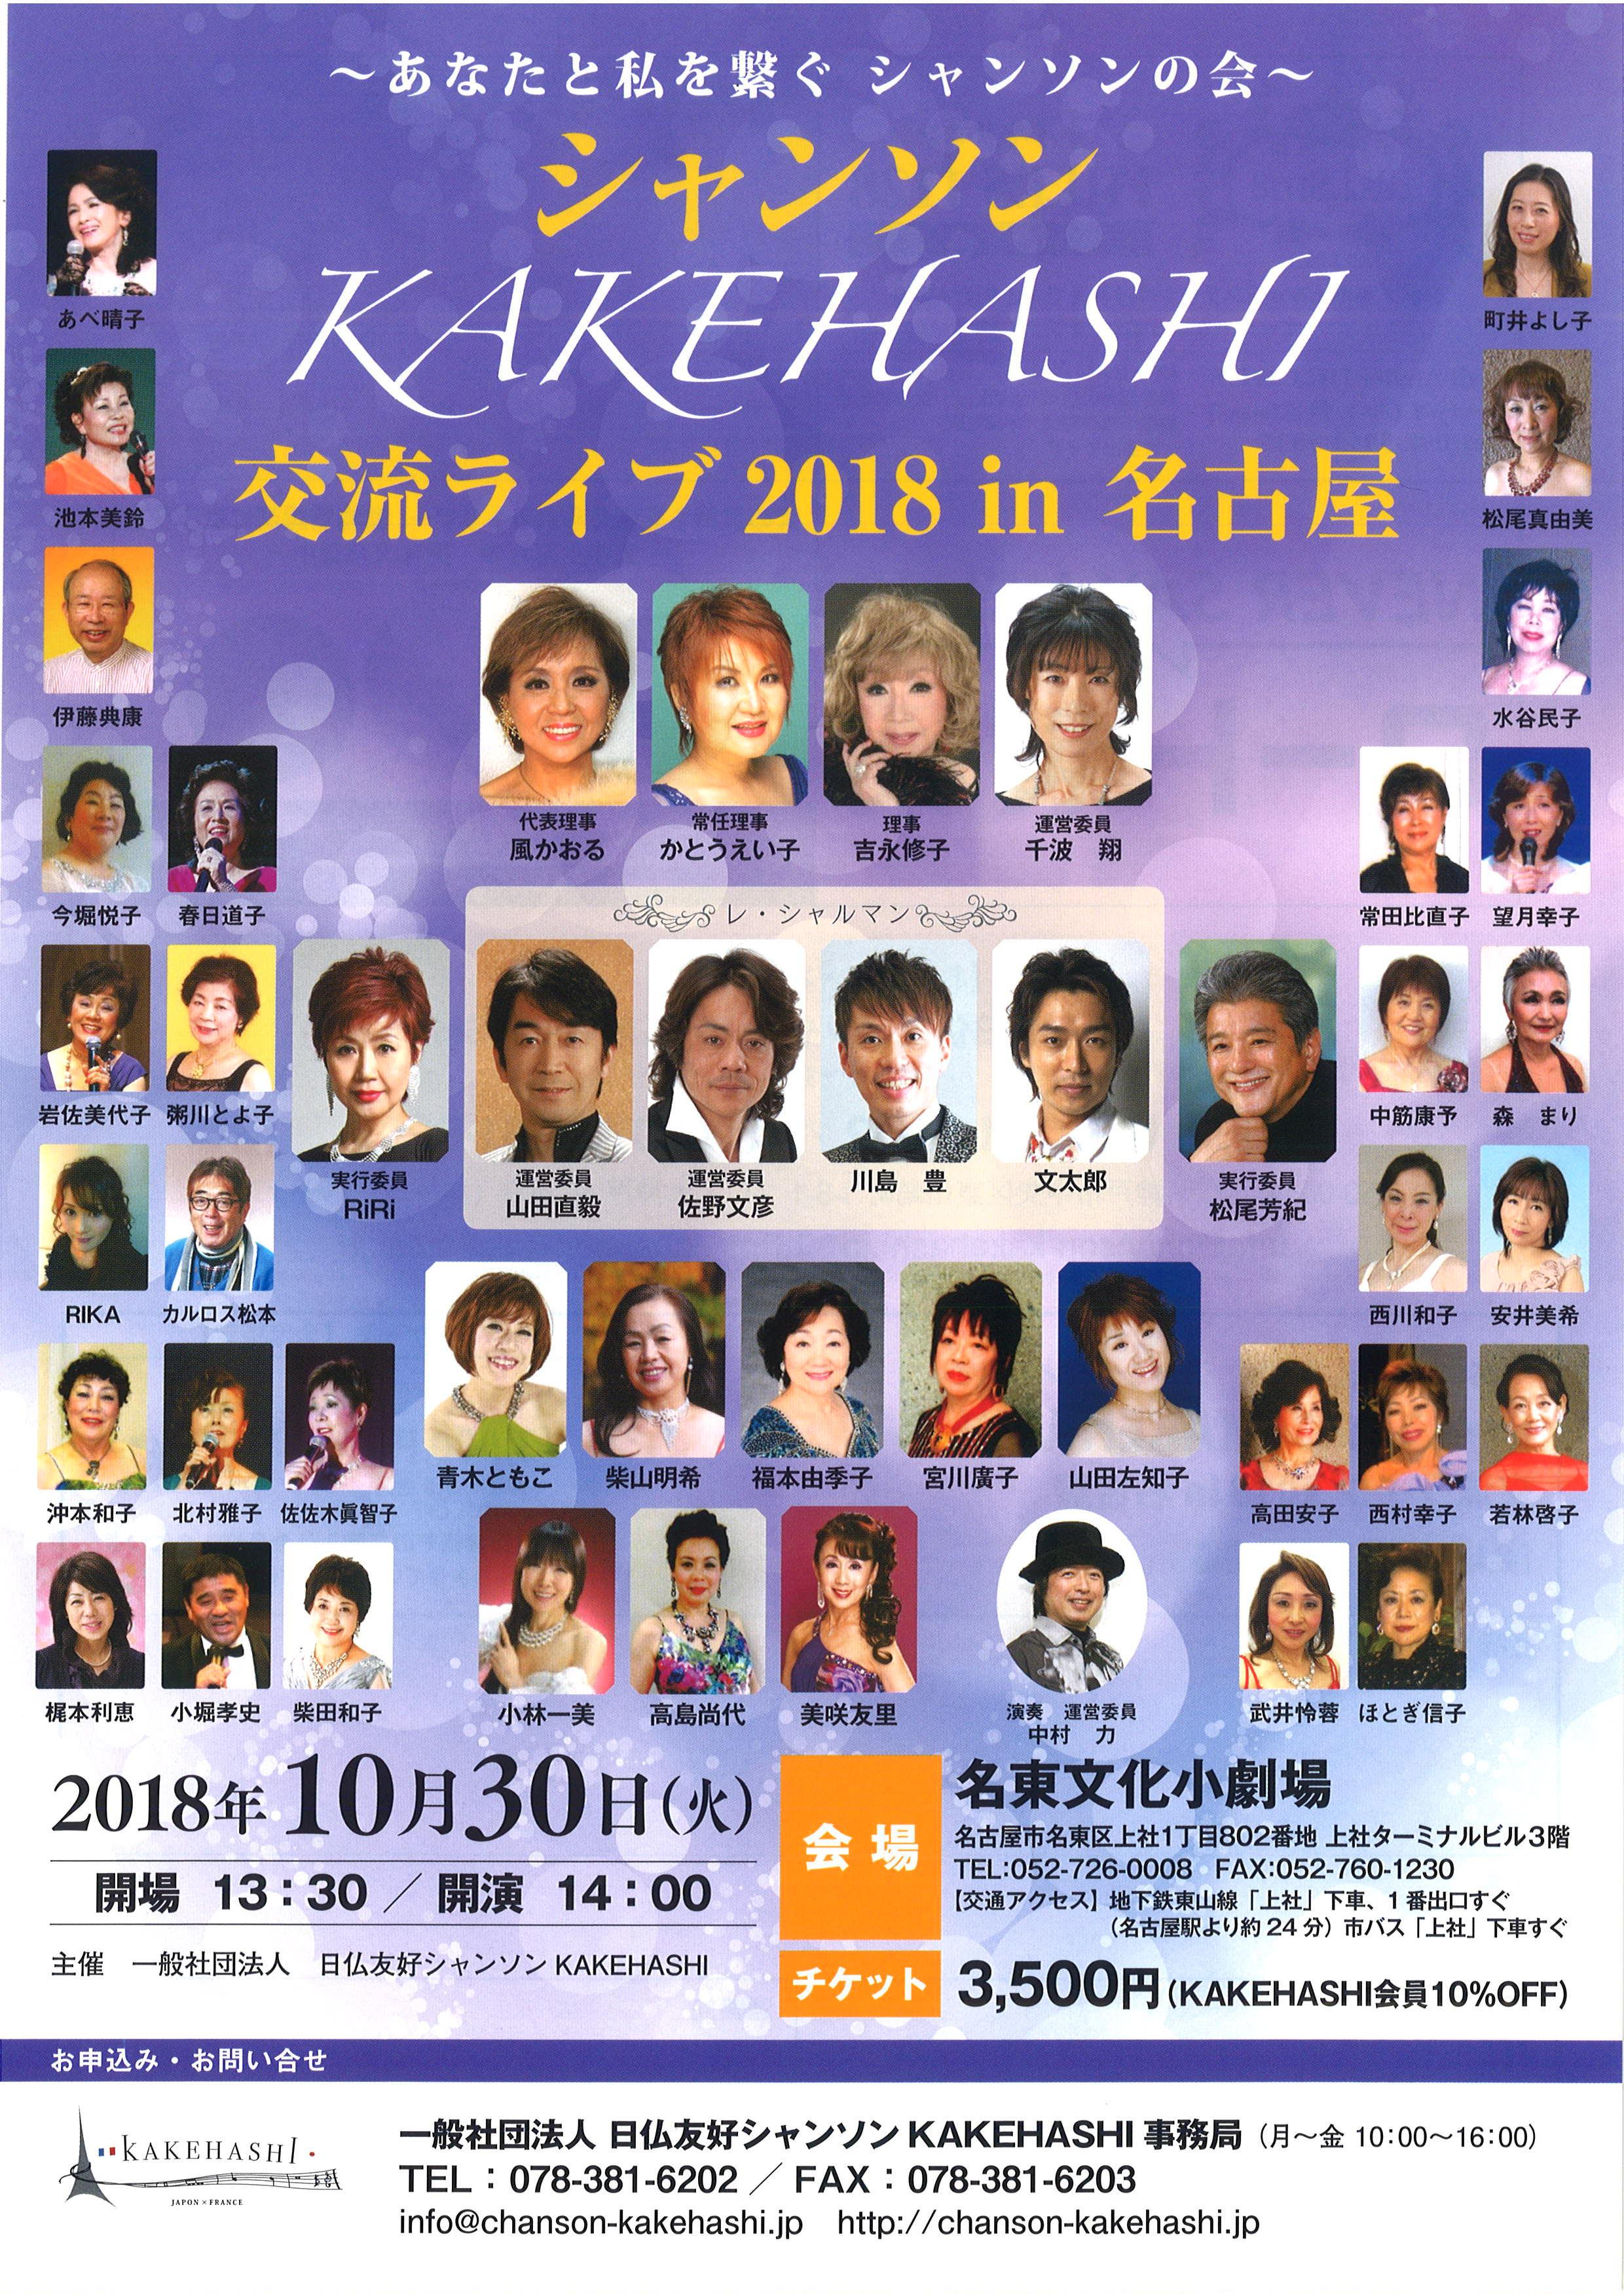 KAKEHASHI交流ライブ名古屋.jpg